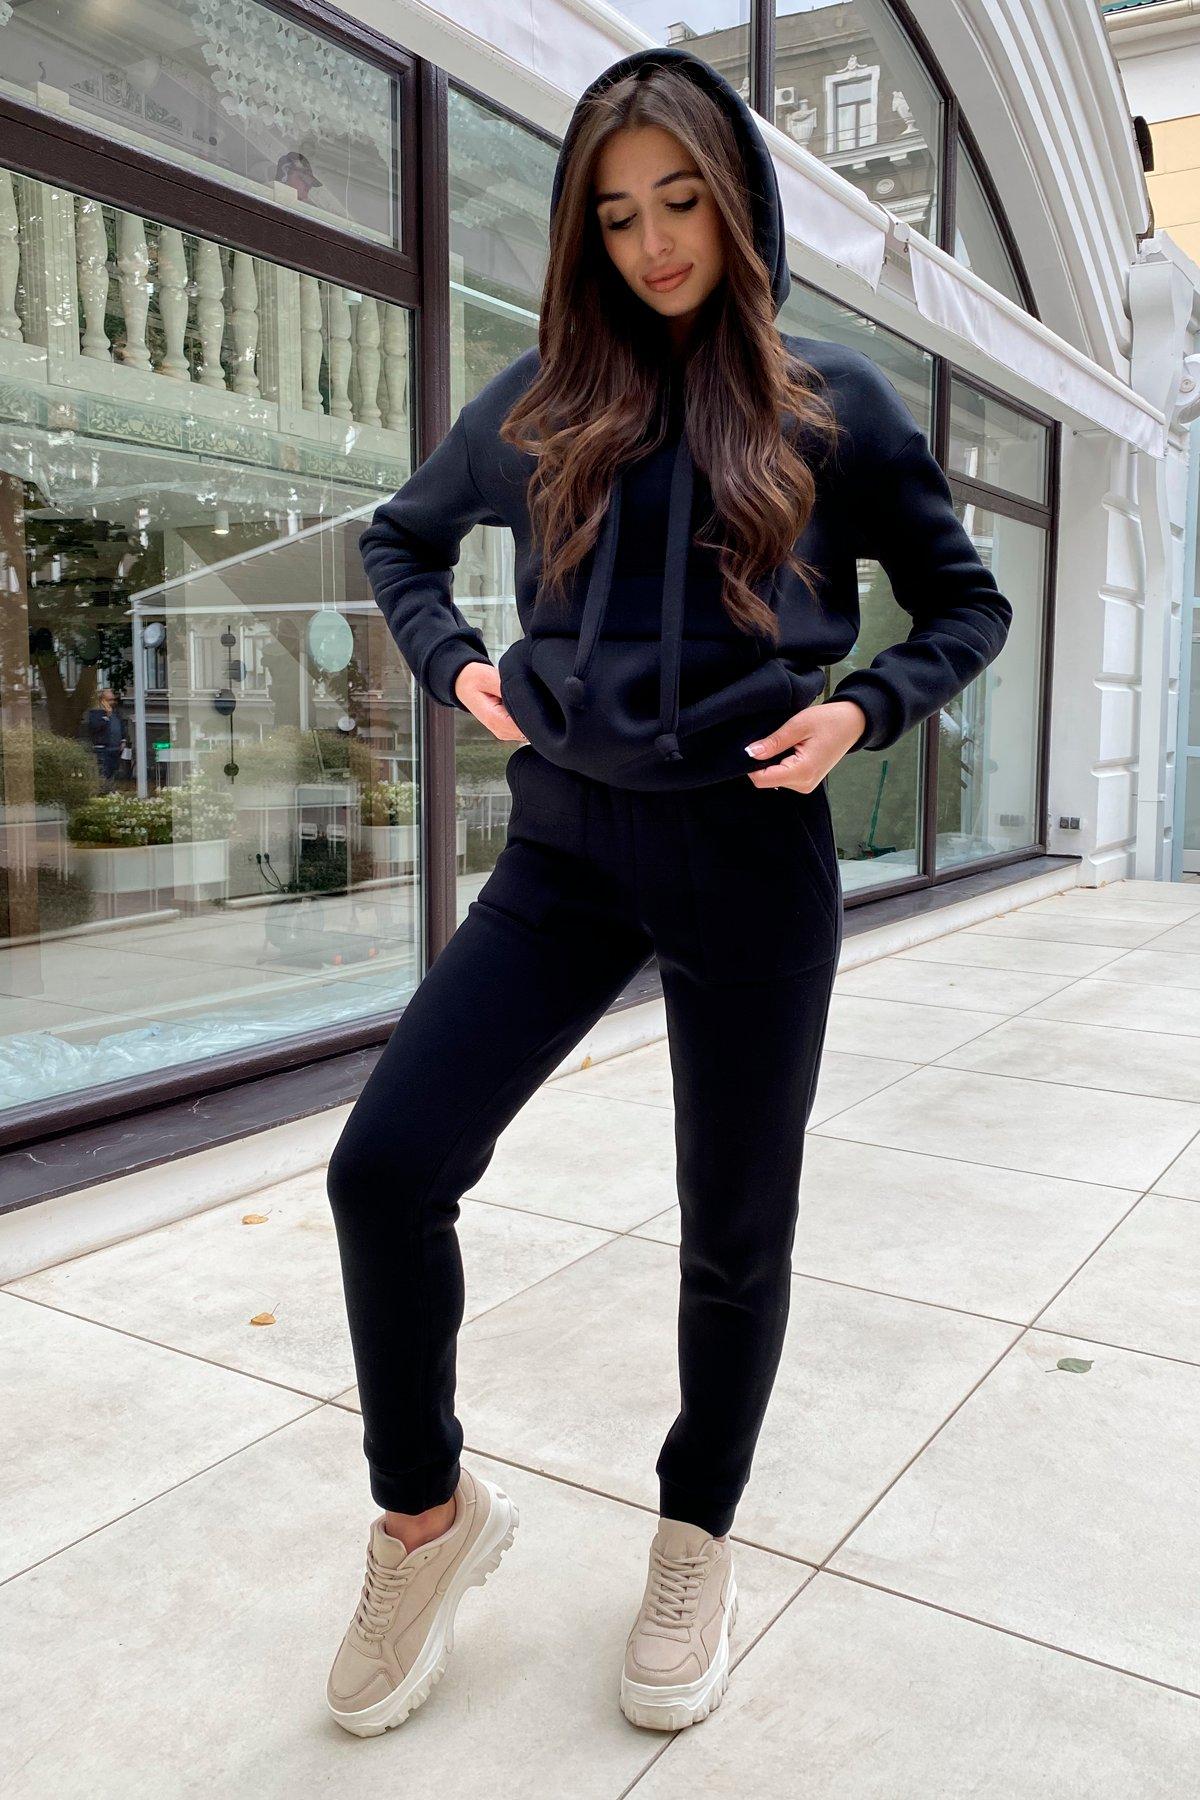 Бруклин  прогулочный костюм 3х нитка с начесом  9663 АРТ. 46088 Цвет: Черный - фото 11, интернет магазин tm-modus.ru